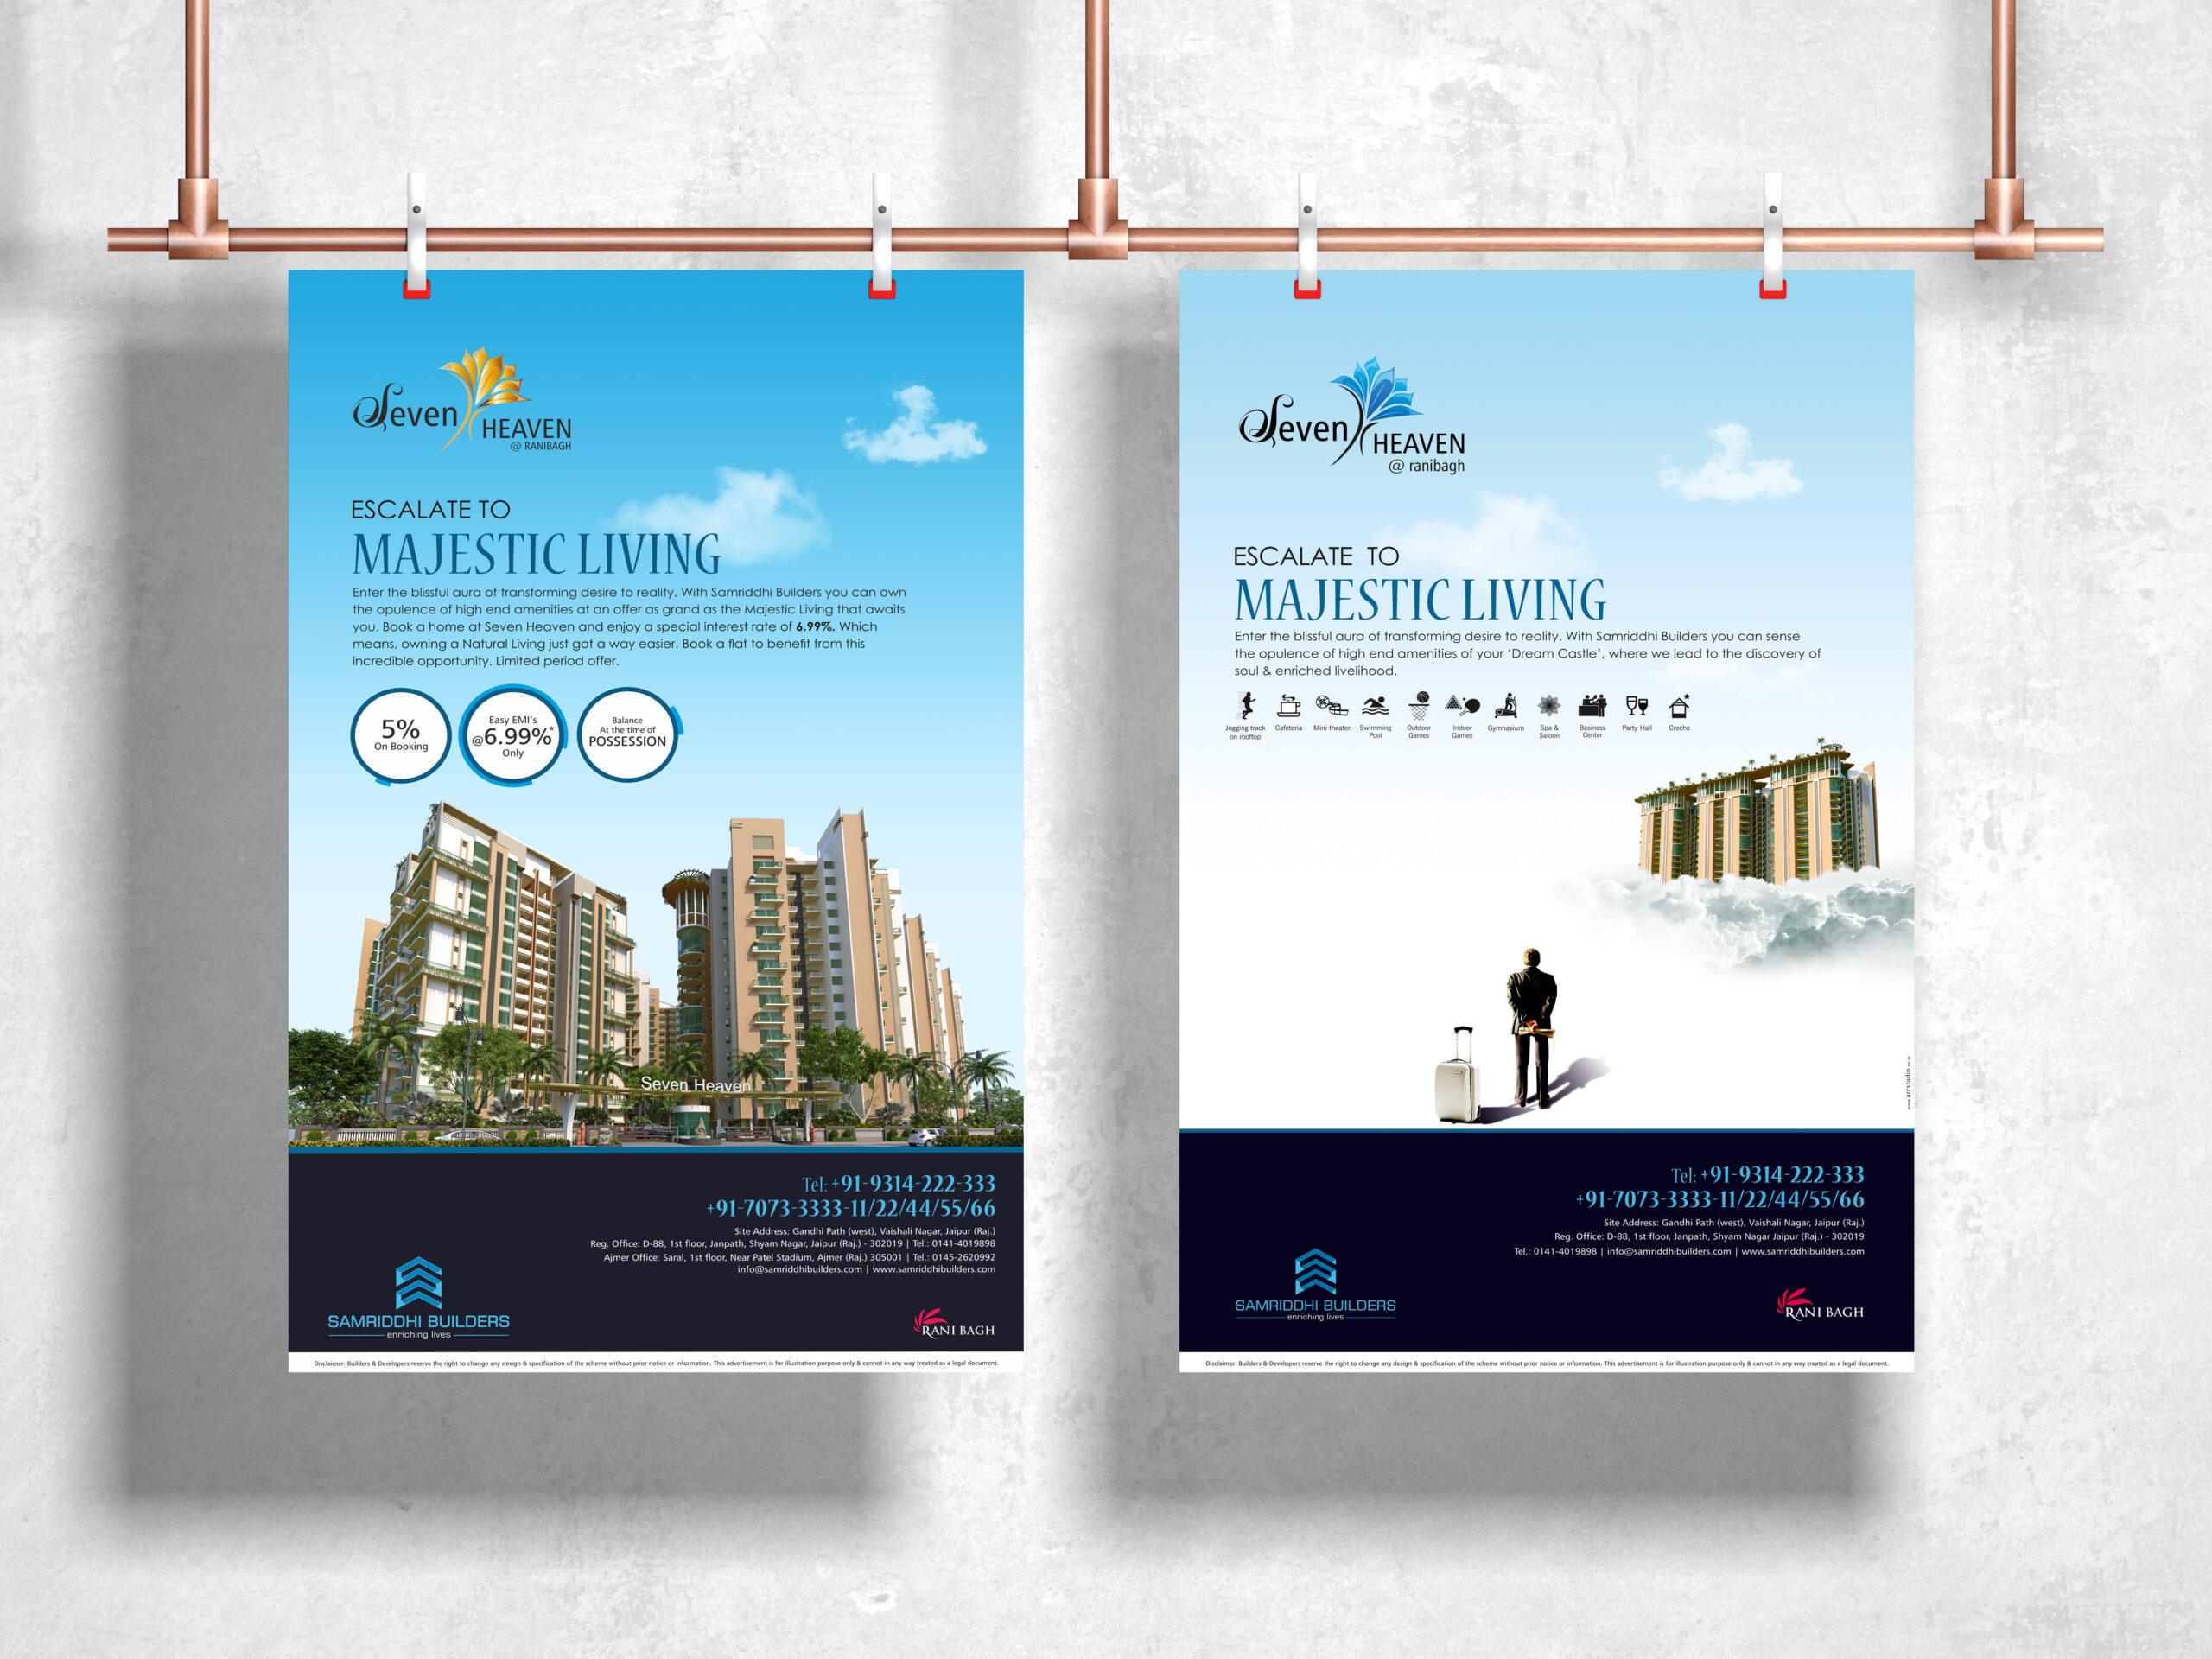 seven heaven 3d rendering brochure